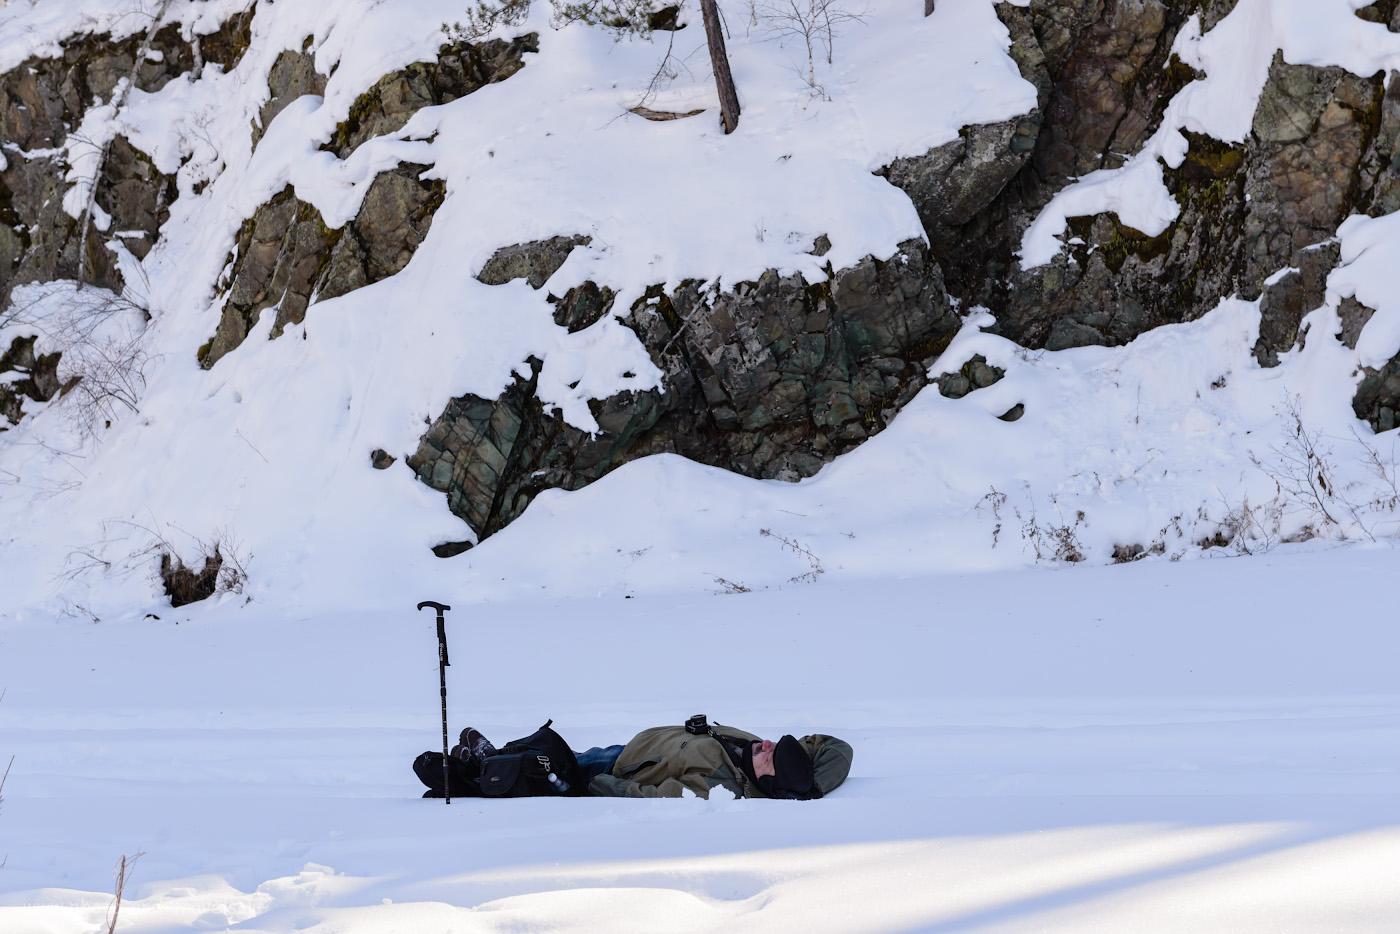 Фотография 20. Случай на реке Багаряк. Что делать, если встретился с медведем в лесу. 1/125, +0.33, 8.0, 220, 60.